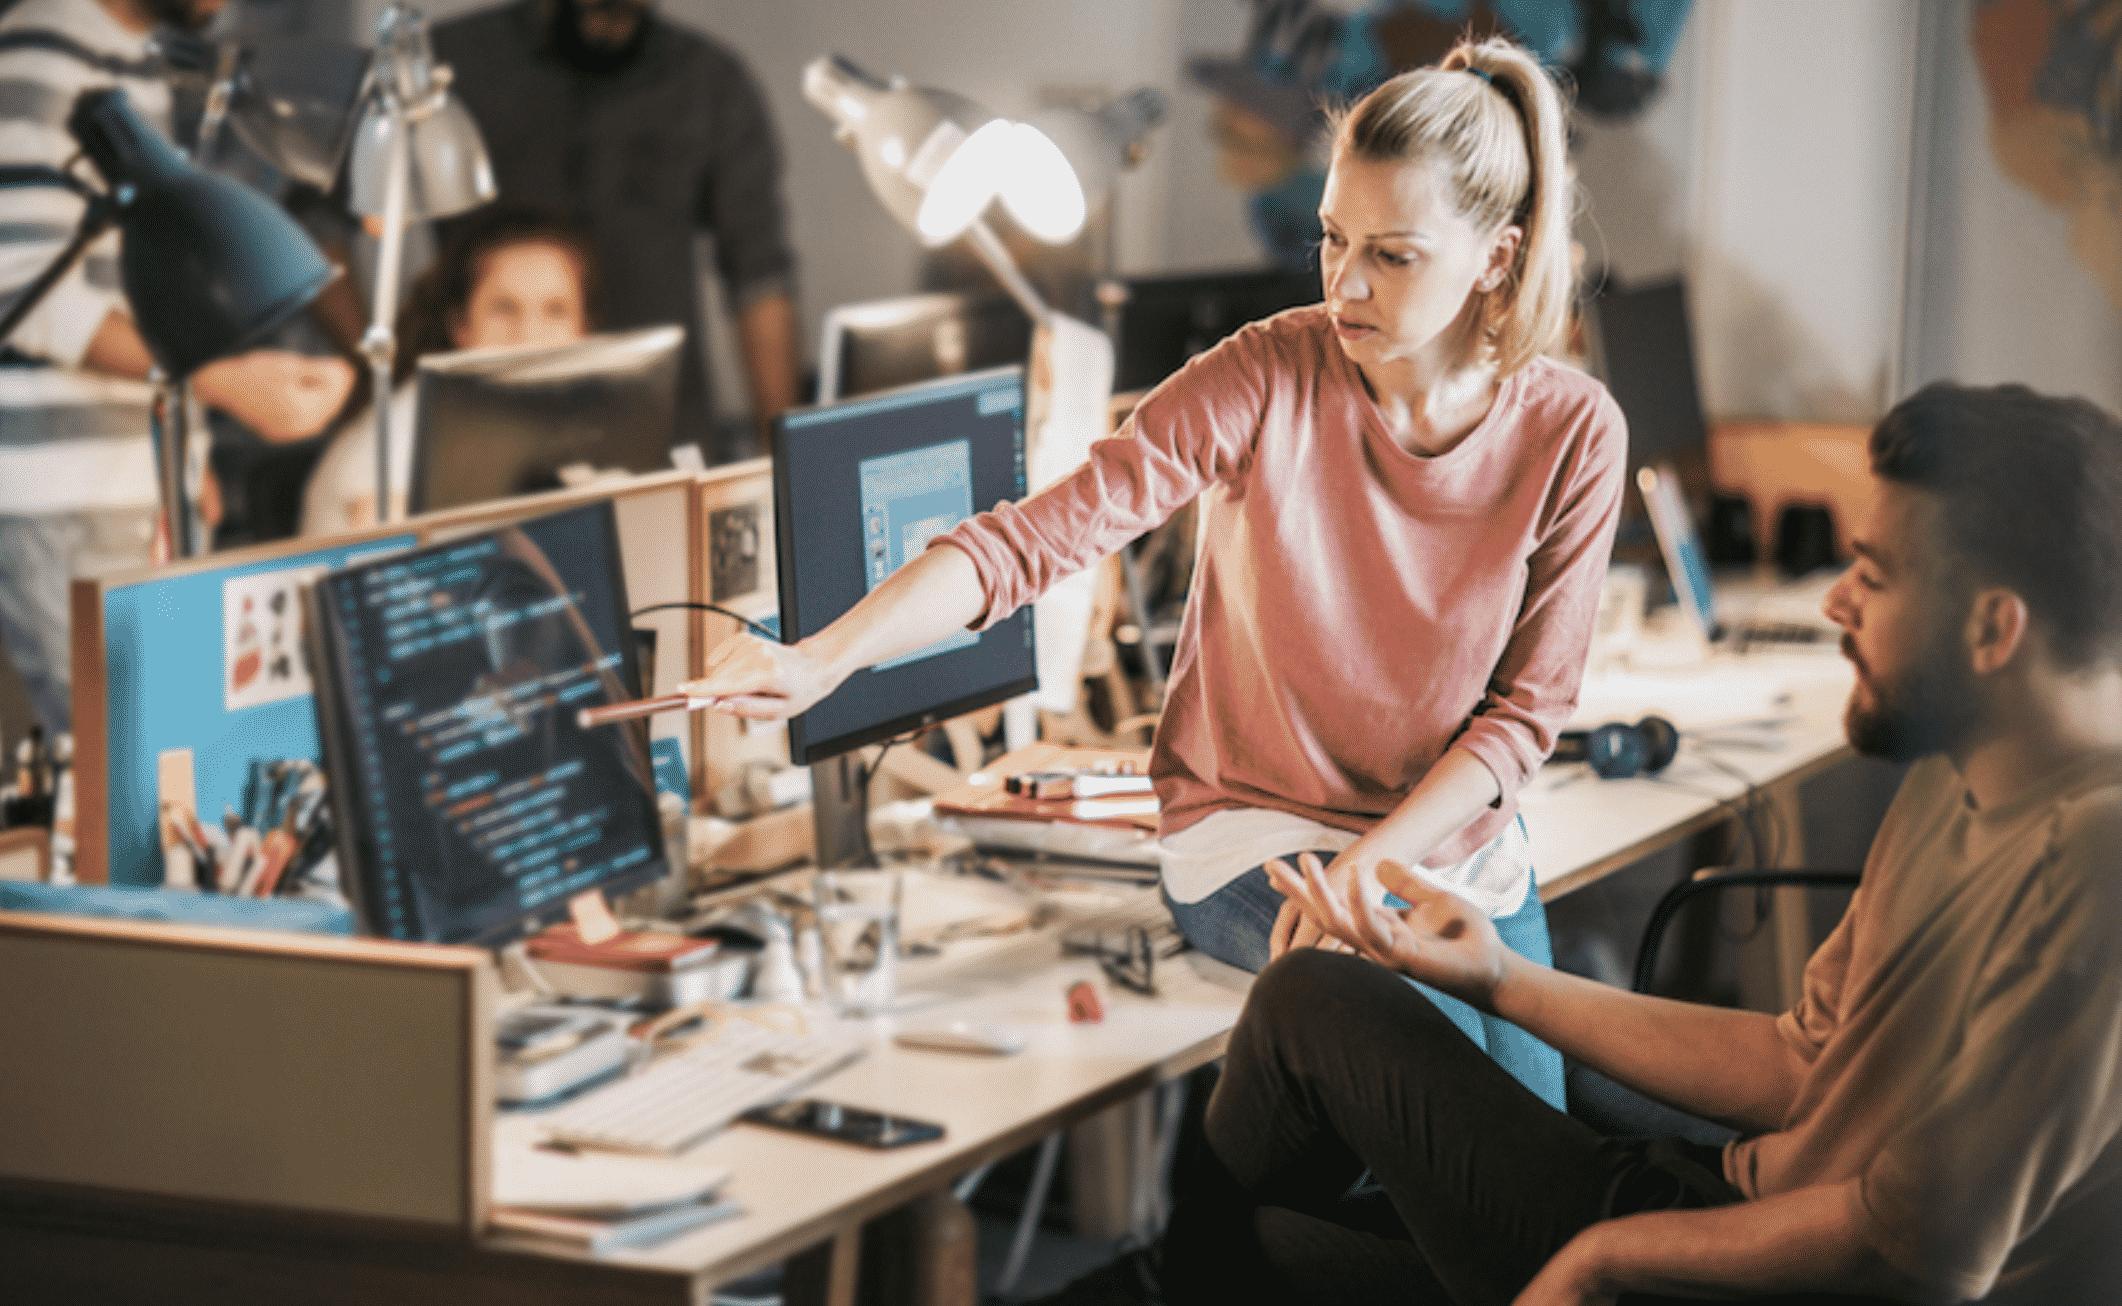 20 Skills Every Programmer Needs